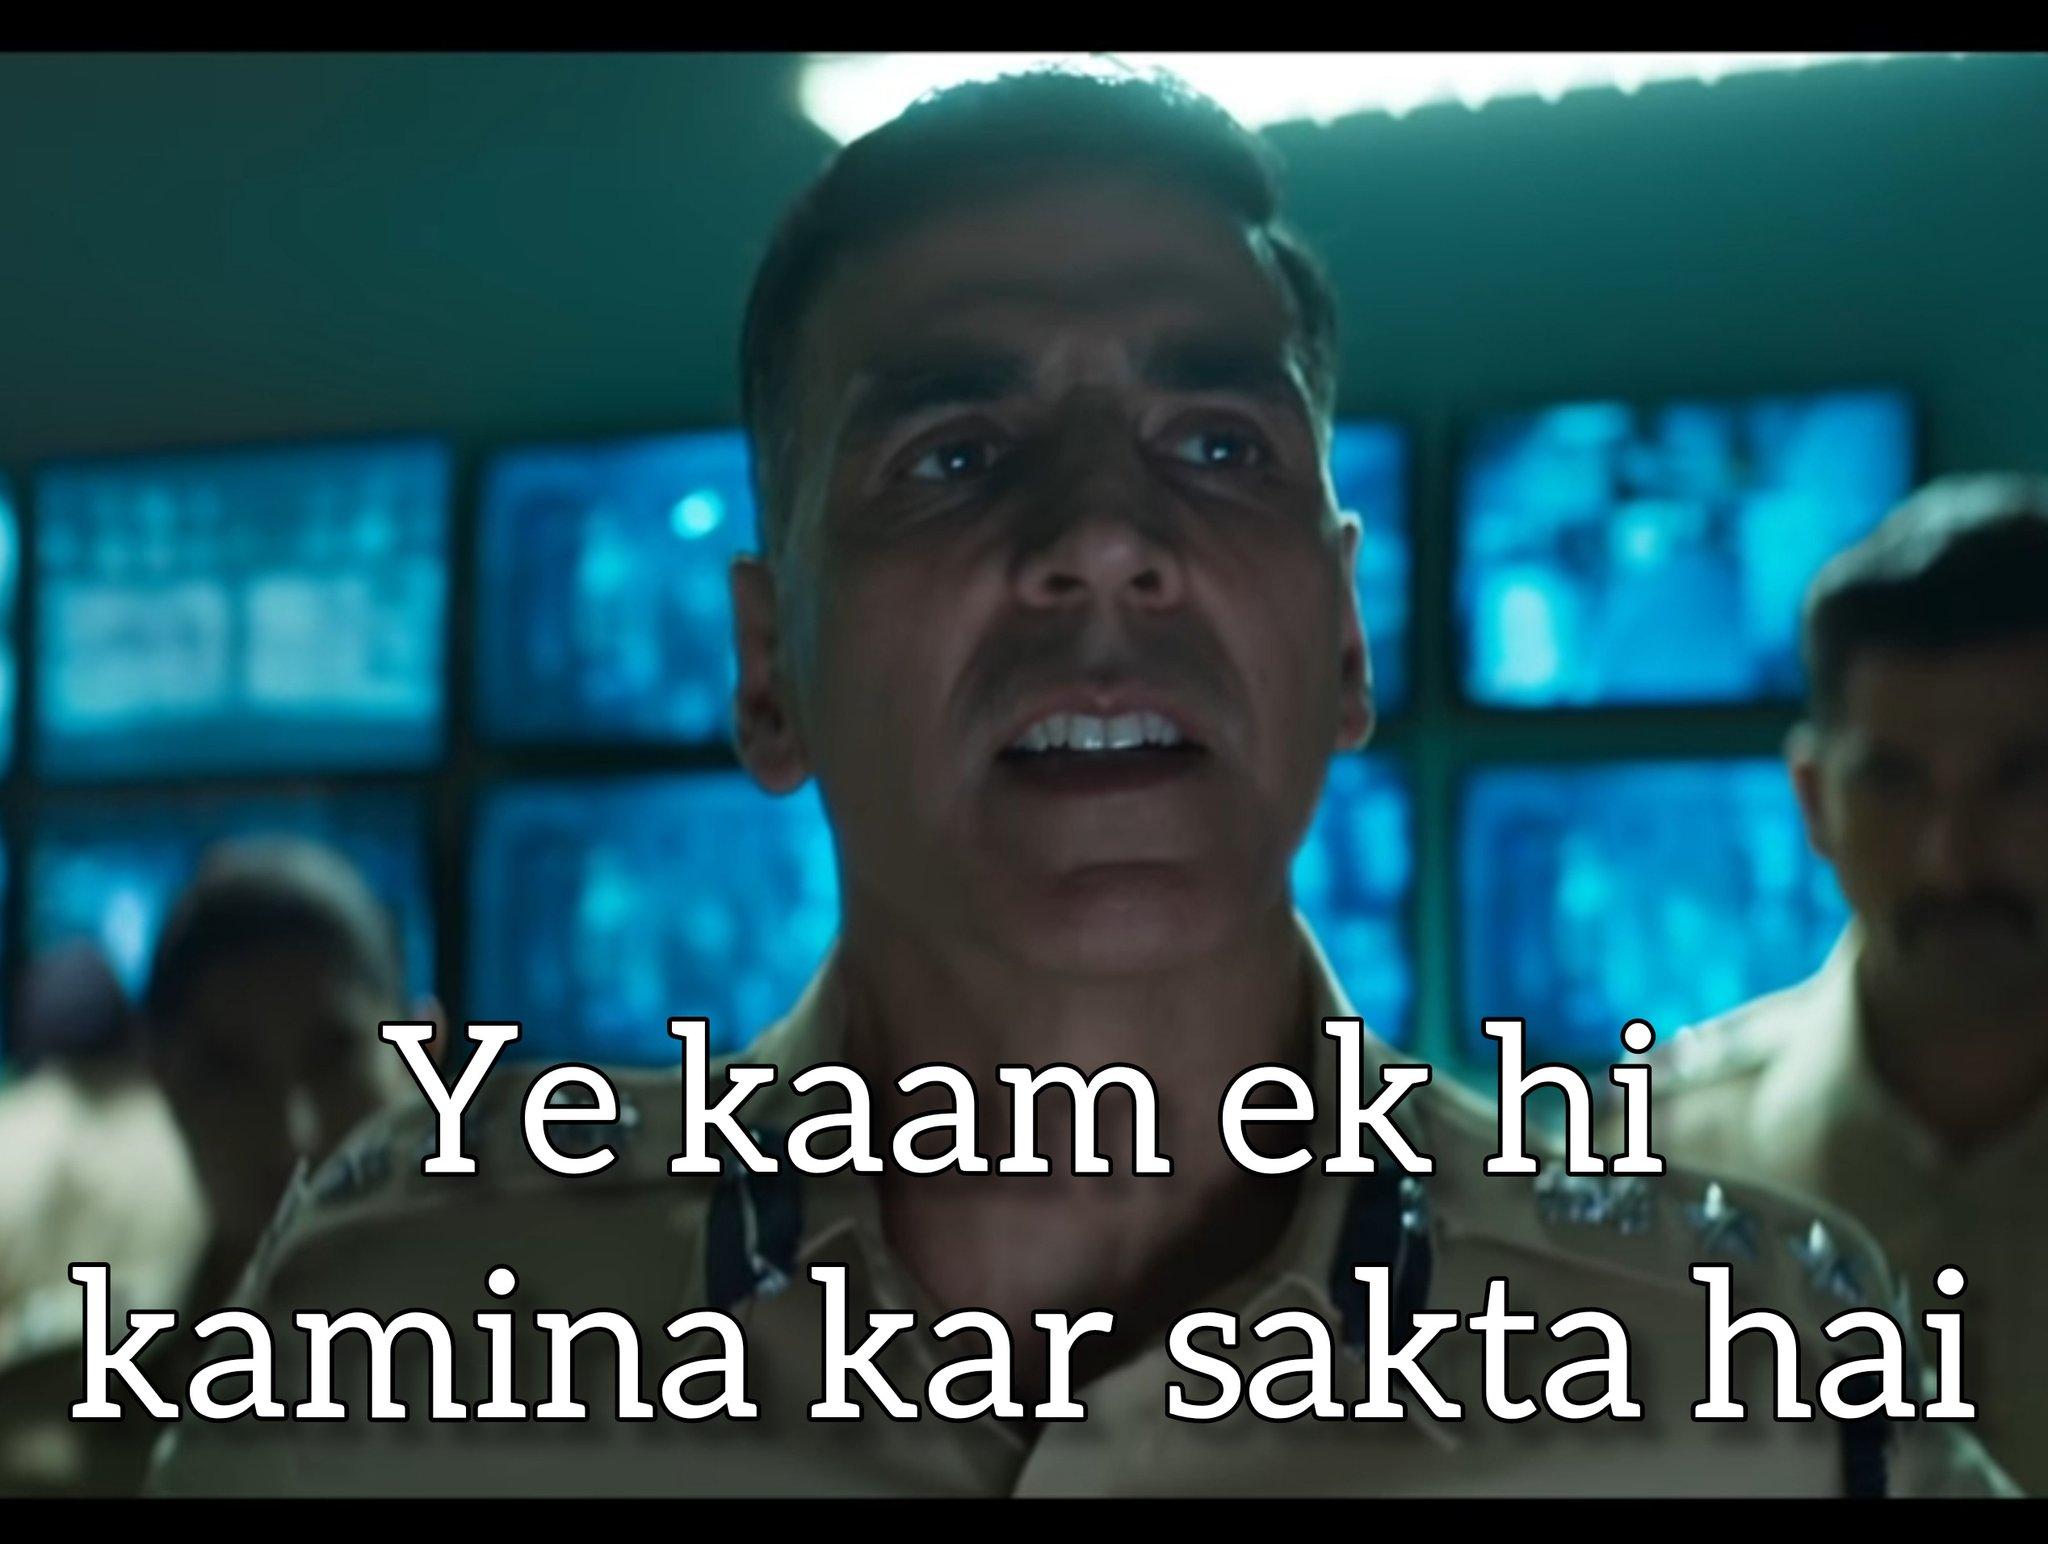 Akshay Kumar in Sooryavanshi trailer. Ye Kaam Ek Hi Kamina Kar Sakta Hai